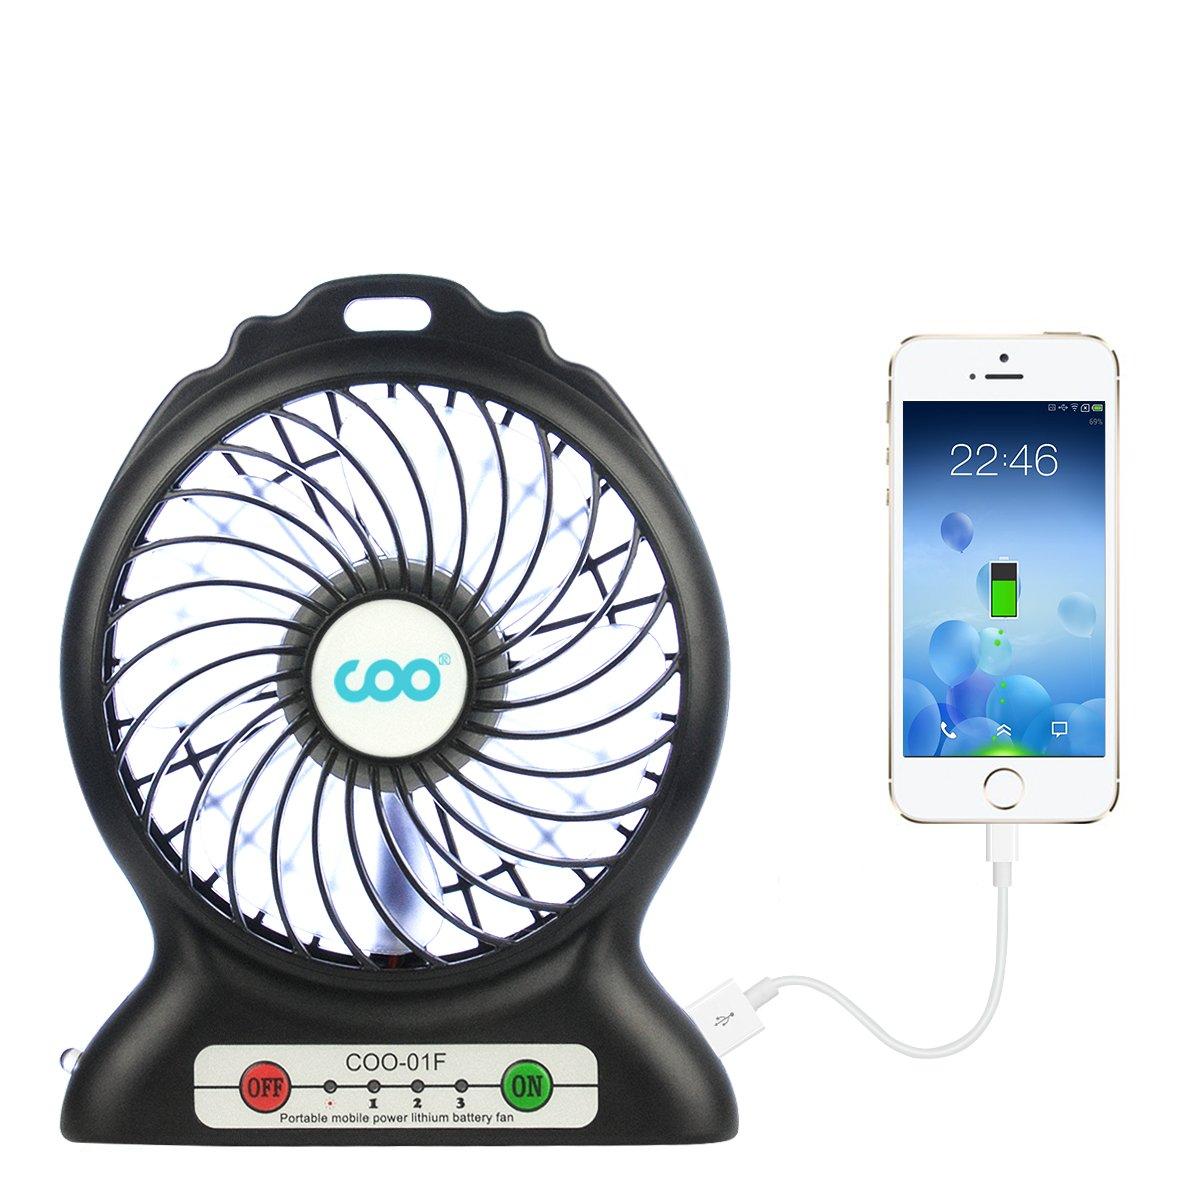 Ventilatore Portatile Personale Fan a 3 velocit/à con Base e Batteria Ricaricabile USB 2600mAh per Ufficio Outdoor Sport Viaggio in Famiglia Campeggio Blu COO Mini Ventilatore Palmare USB